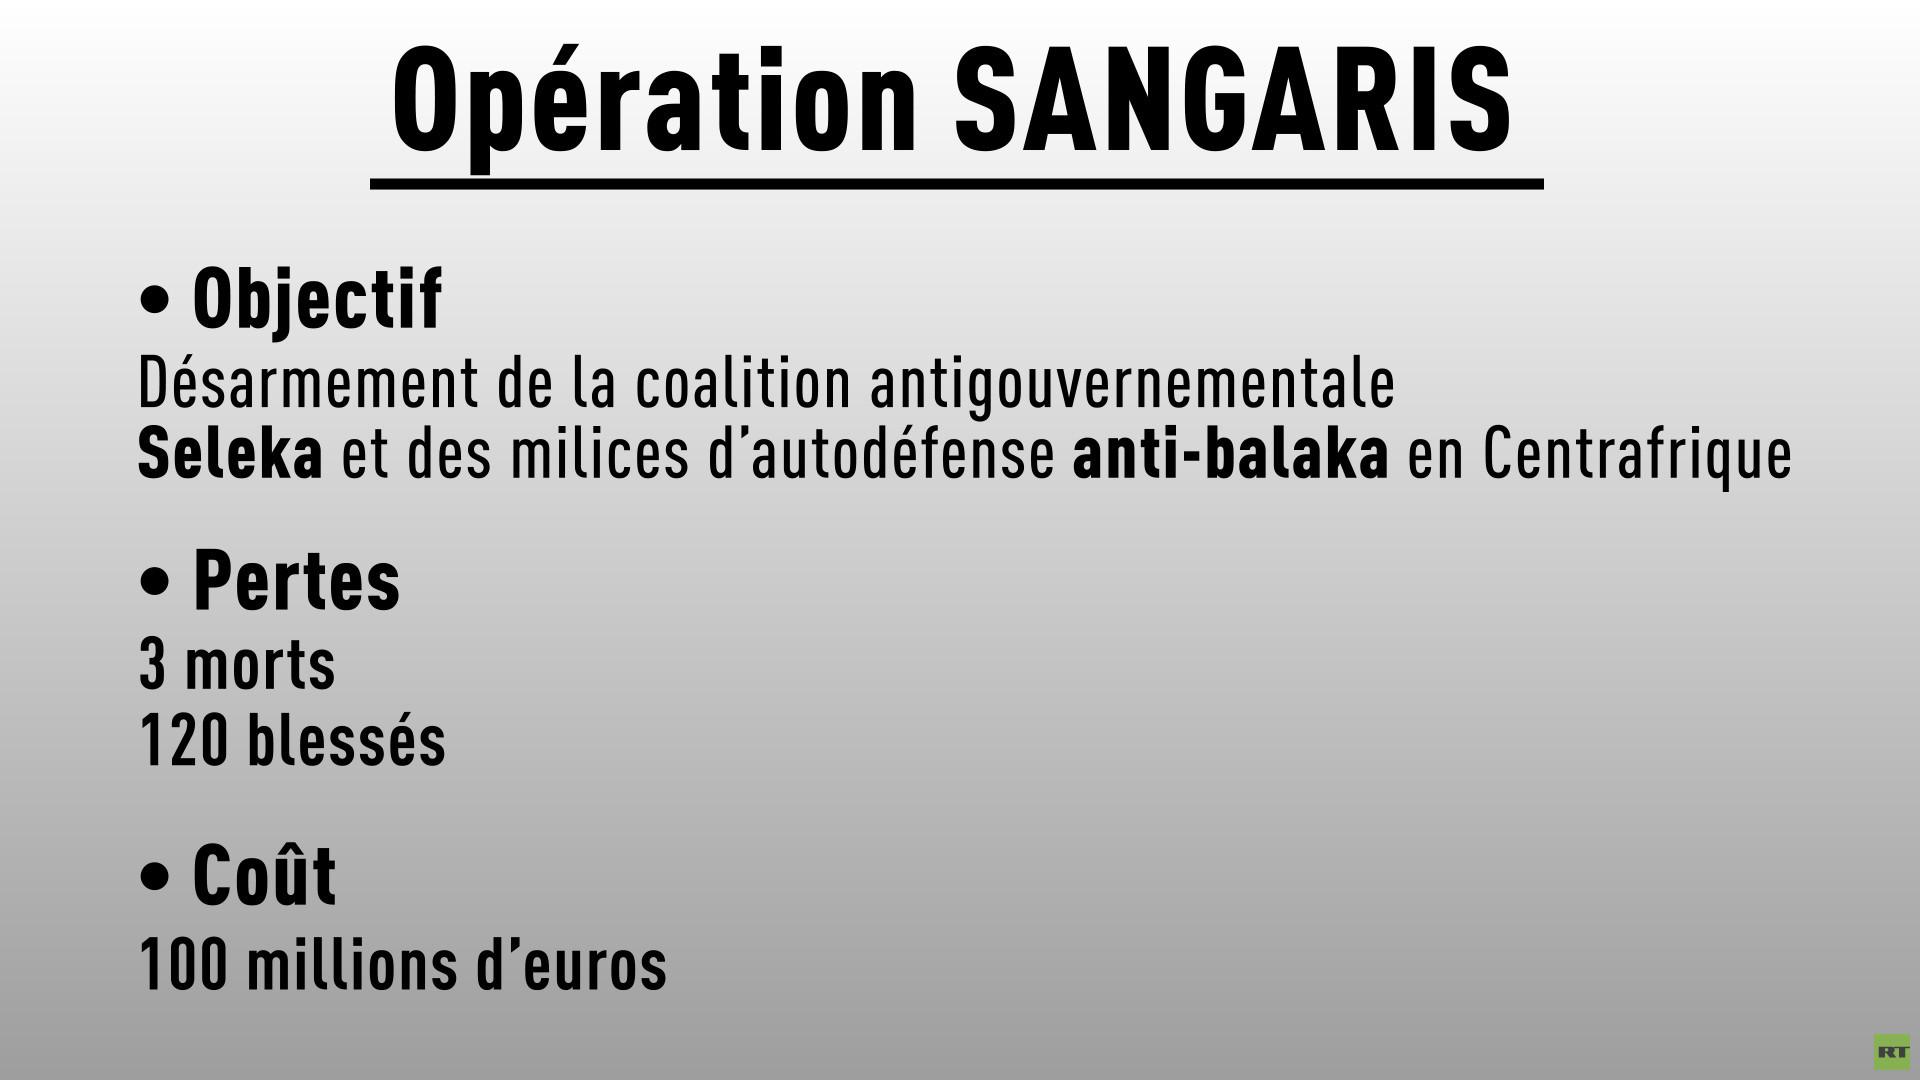 Centrafrique : la France veut mettre fin à son opération Sangaris en 2016